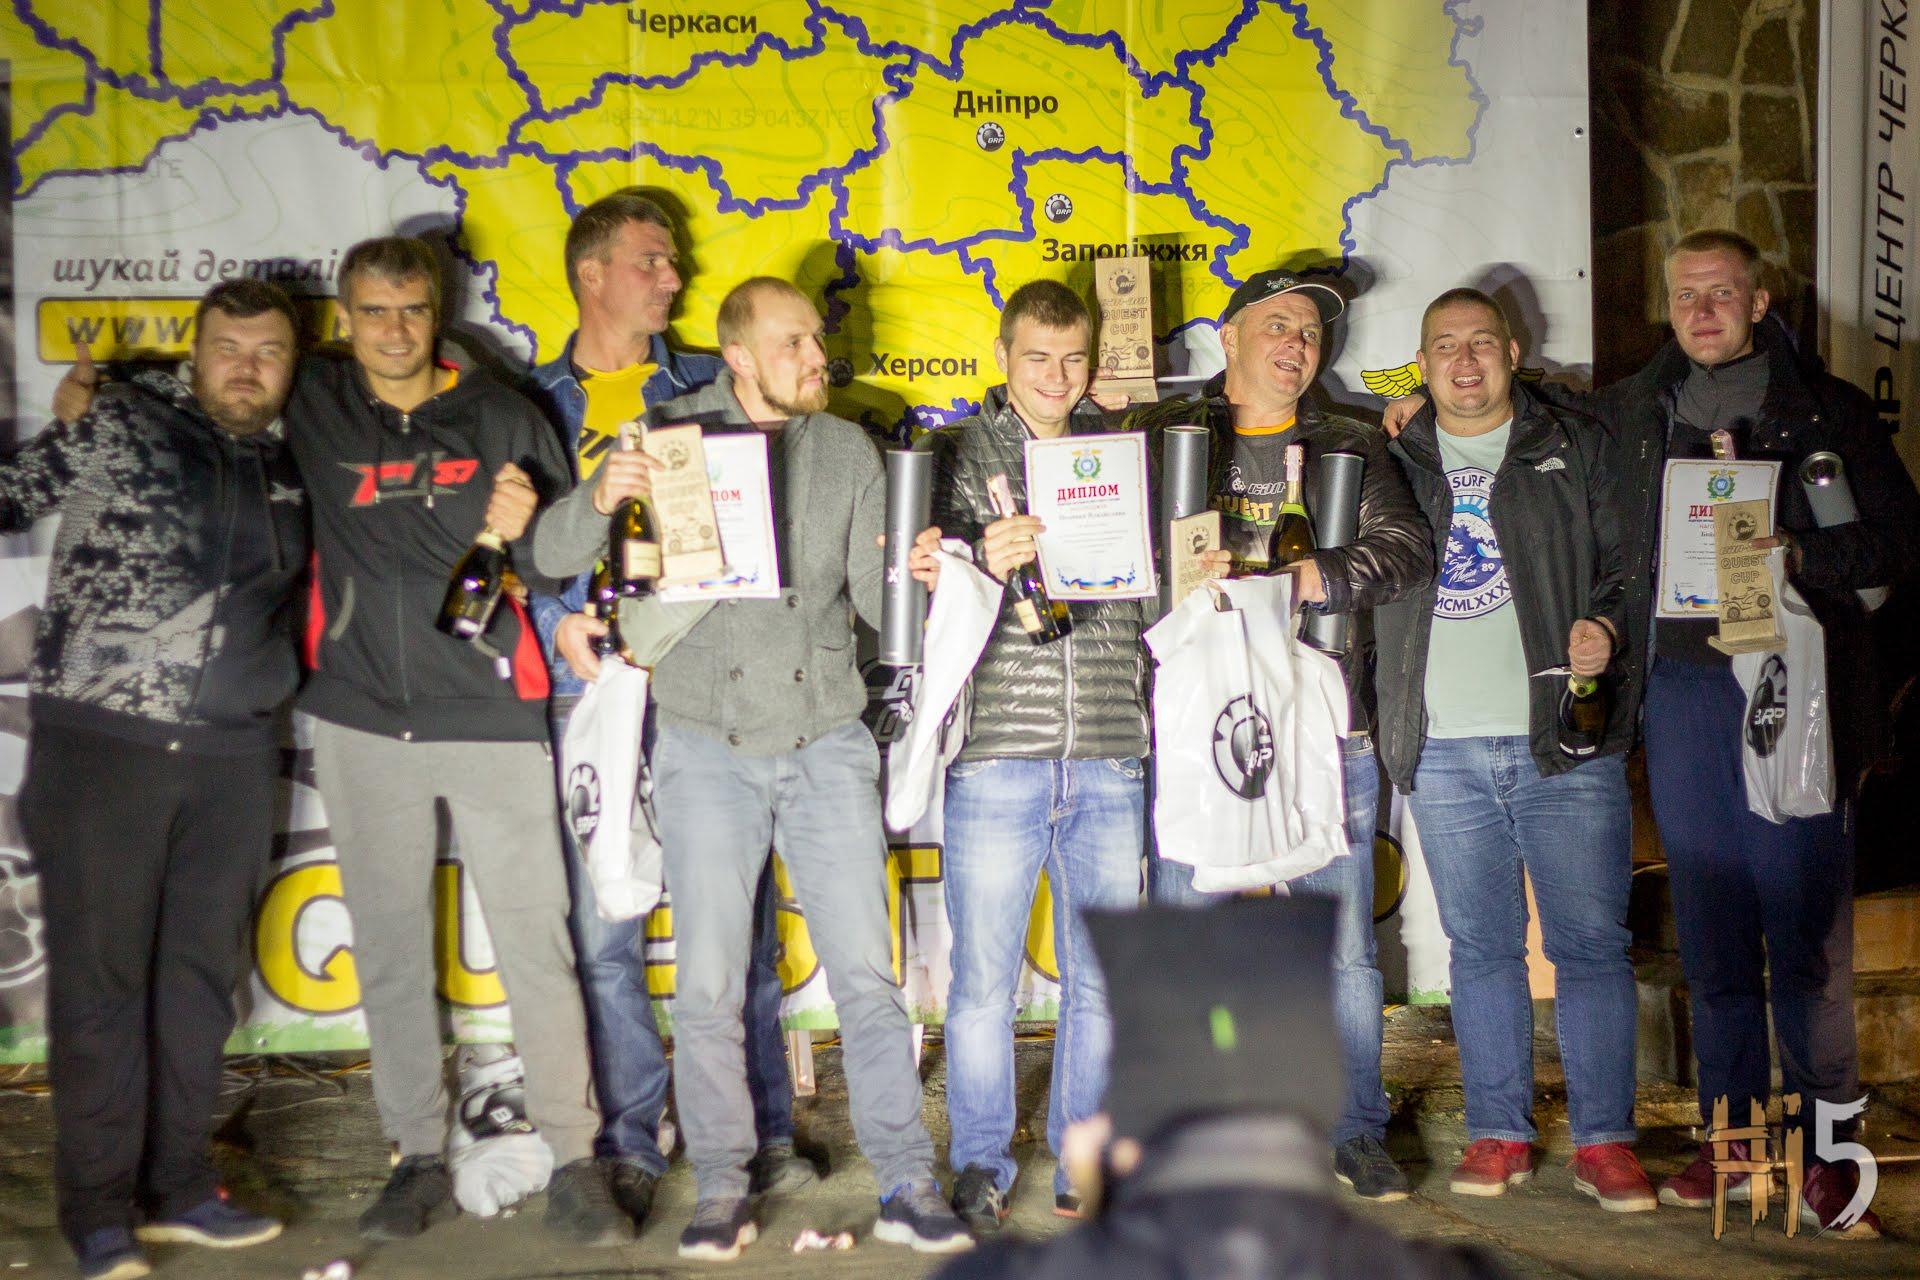 Звіт з 8-го етапу Чемпіонату України з GPS-орієнтування CAN-AM QUEST CUP 2018. Черкаси